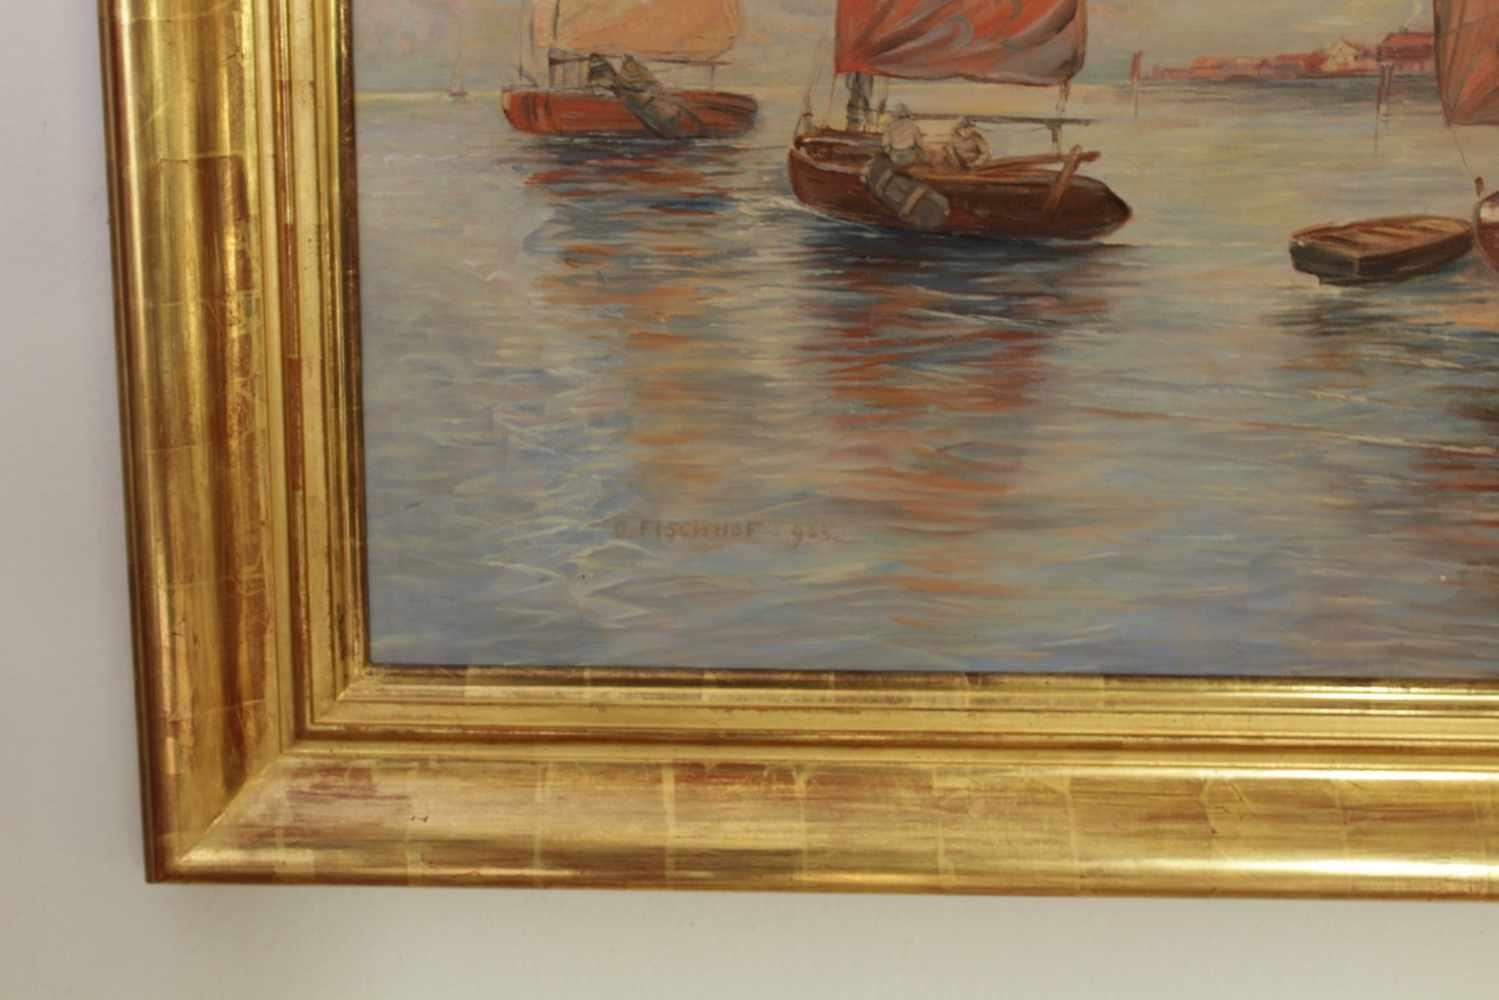 SEEBILD Seebild mit Fischerbooten und kleiner Hafenstadt, Georg Fischhoff (1859 - 1914), Öl auf - Image 2 of 2